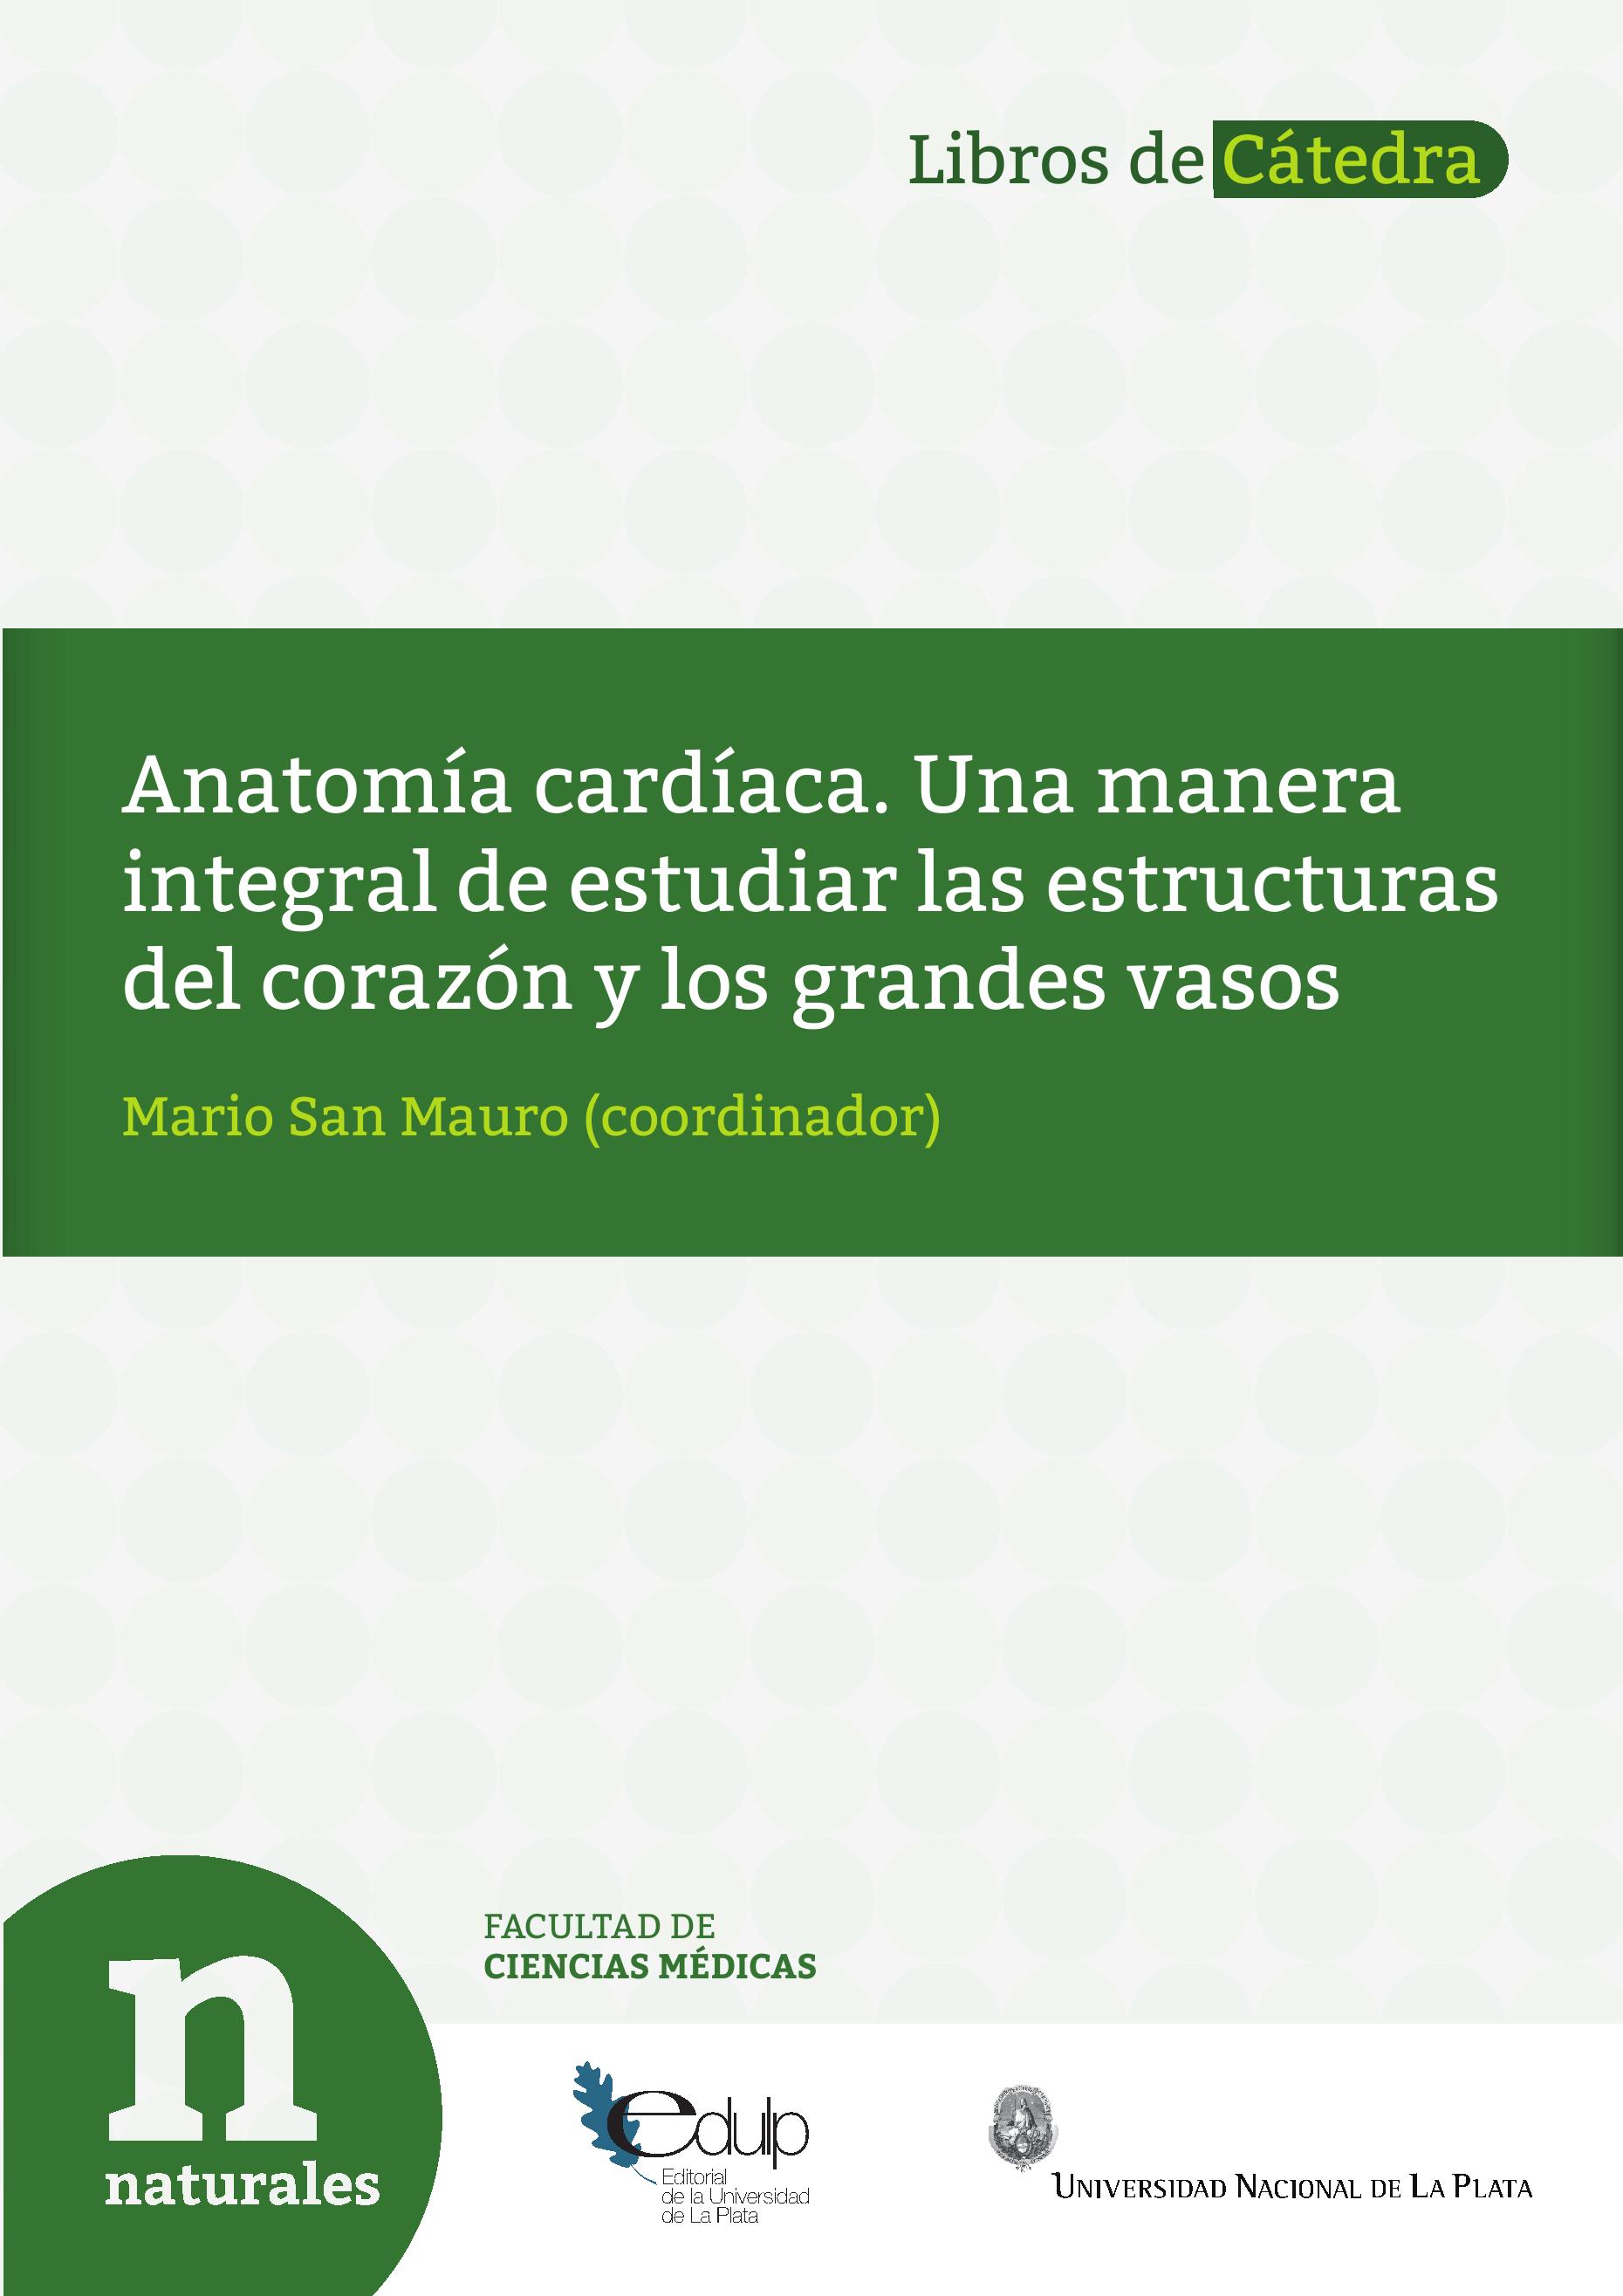 Anatomía cardíaca: Una manera integral de estudiar las estructuras ...